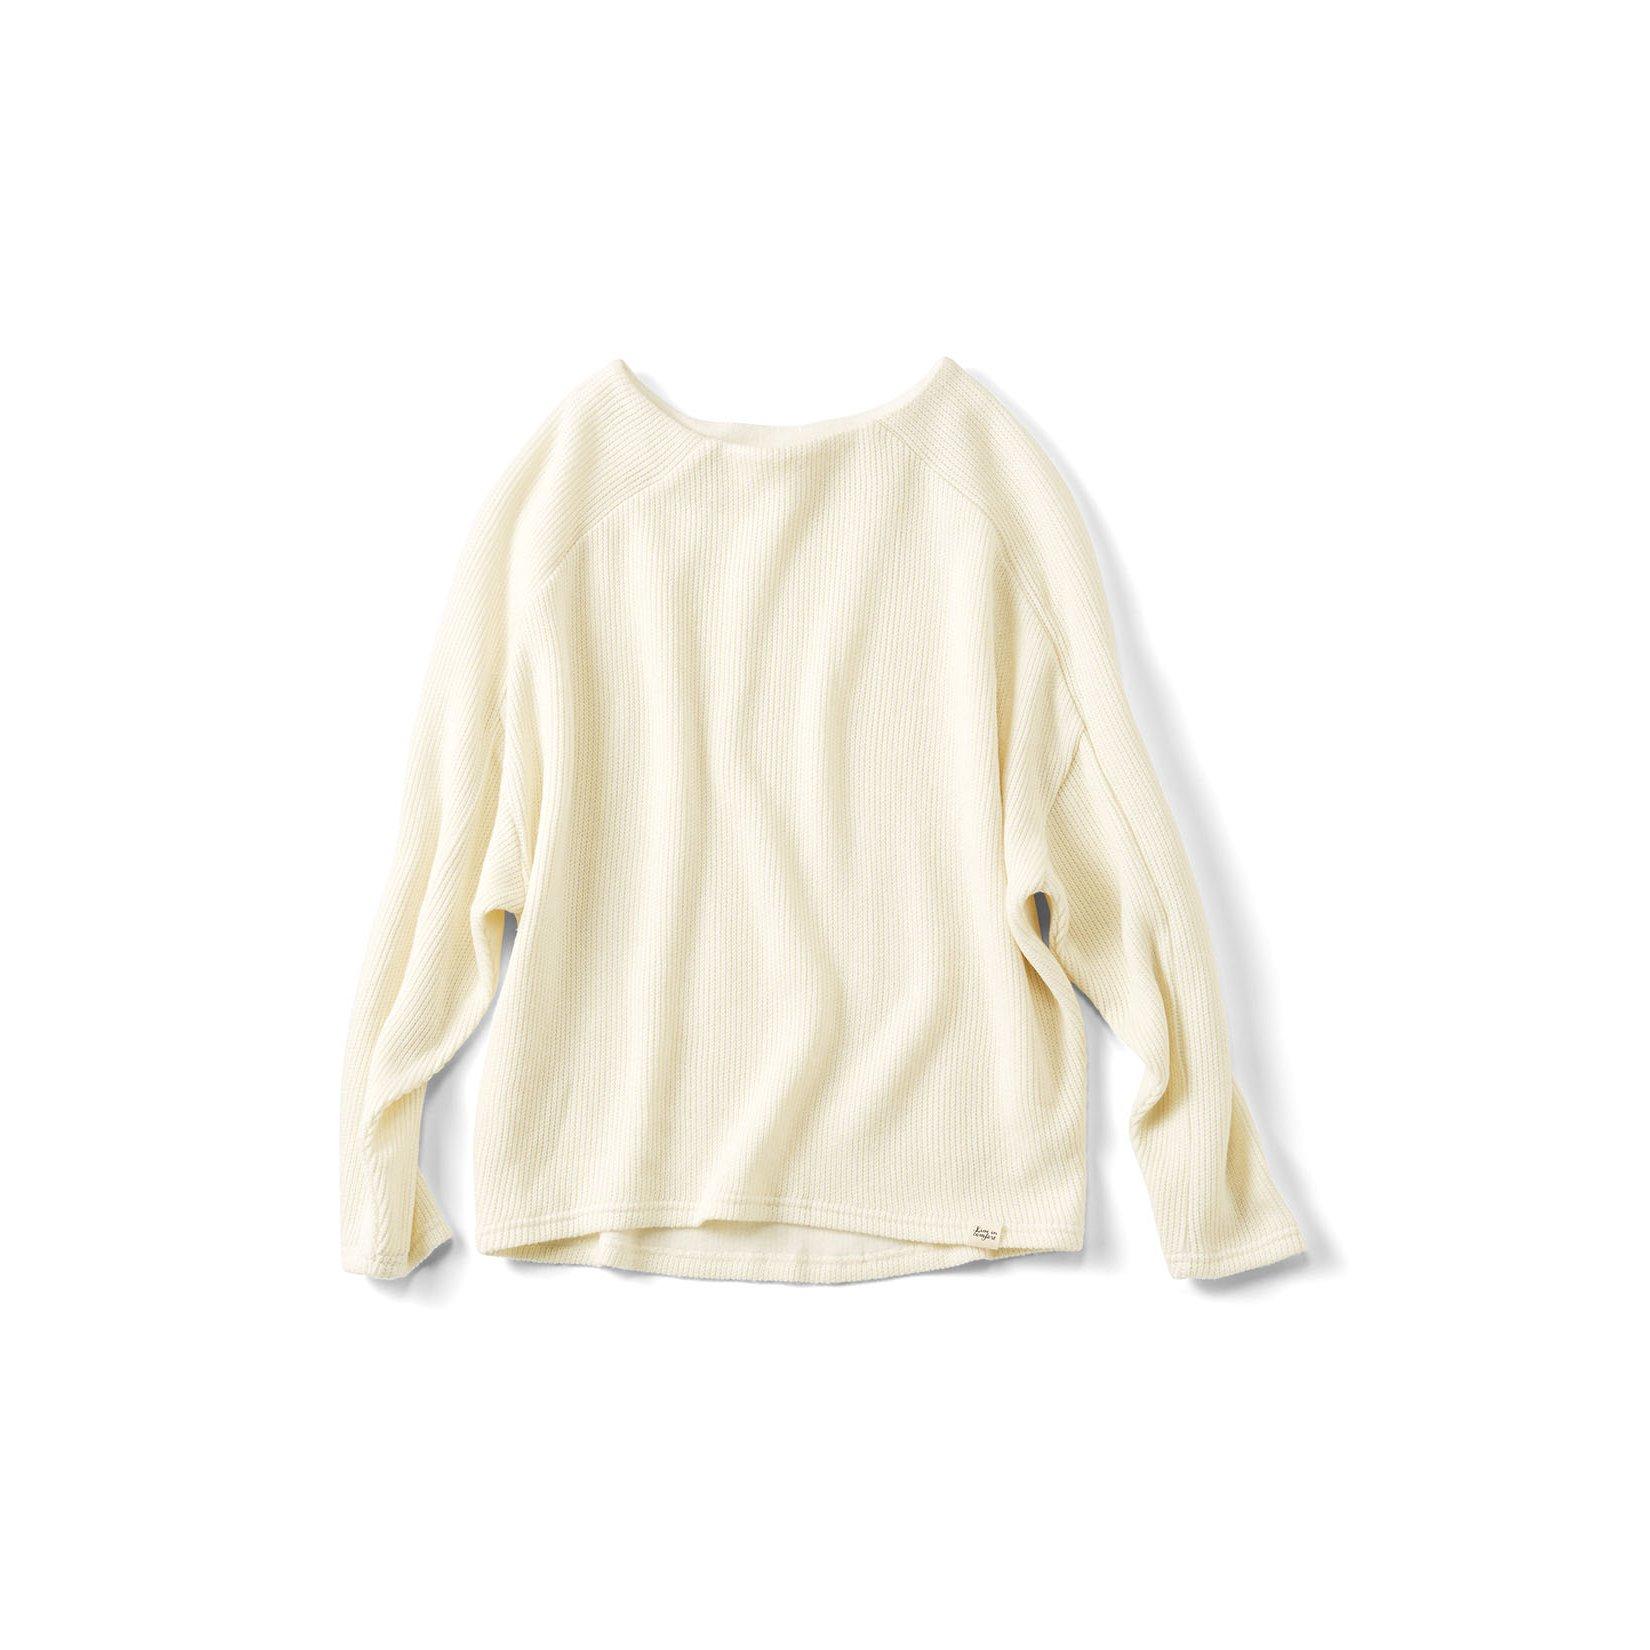 リブ イン コンフォート 裏綿カットソーのやさしい肌ざわり 一枚でオシャレ見えするドルマントップス〈アイボリー〉